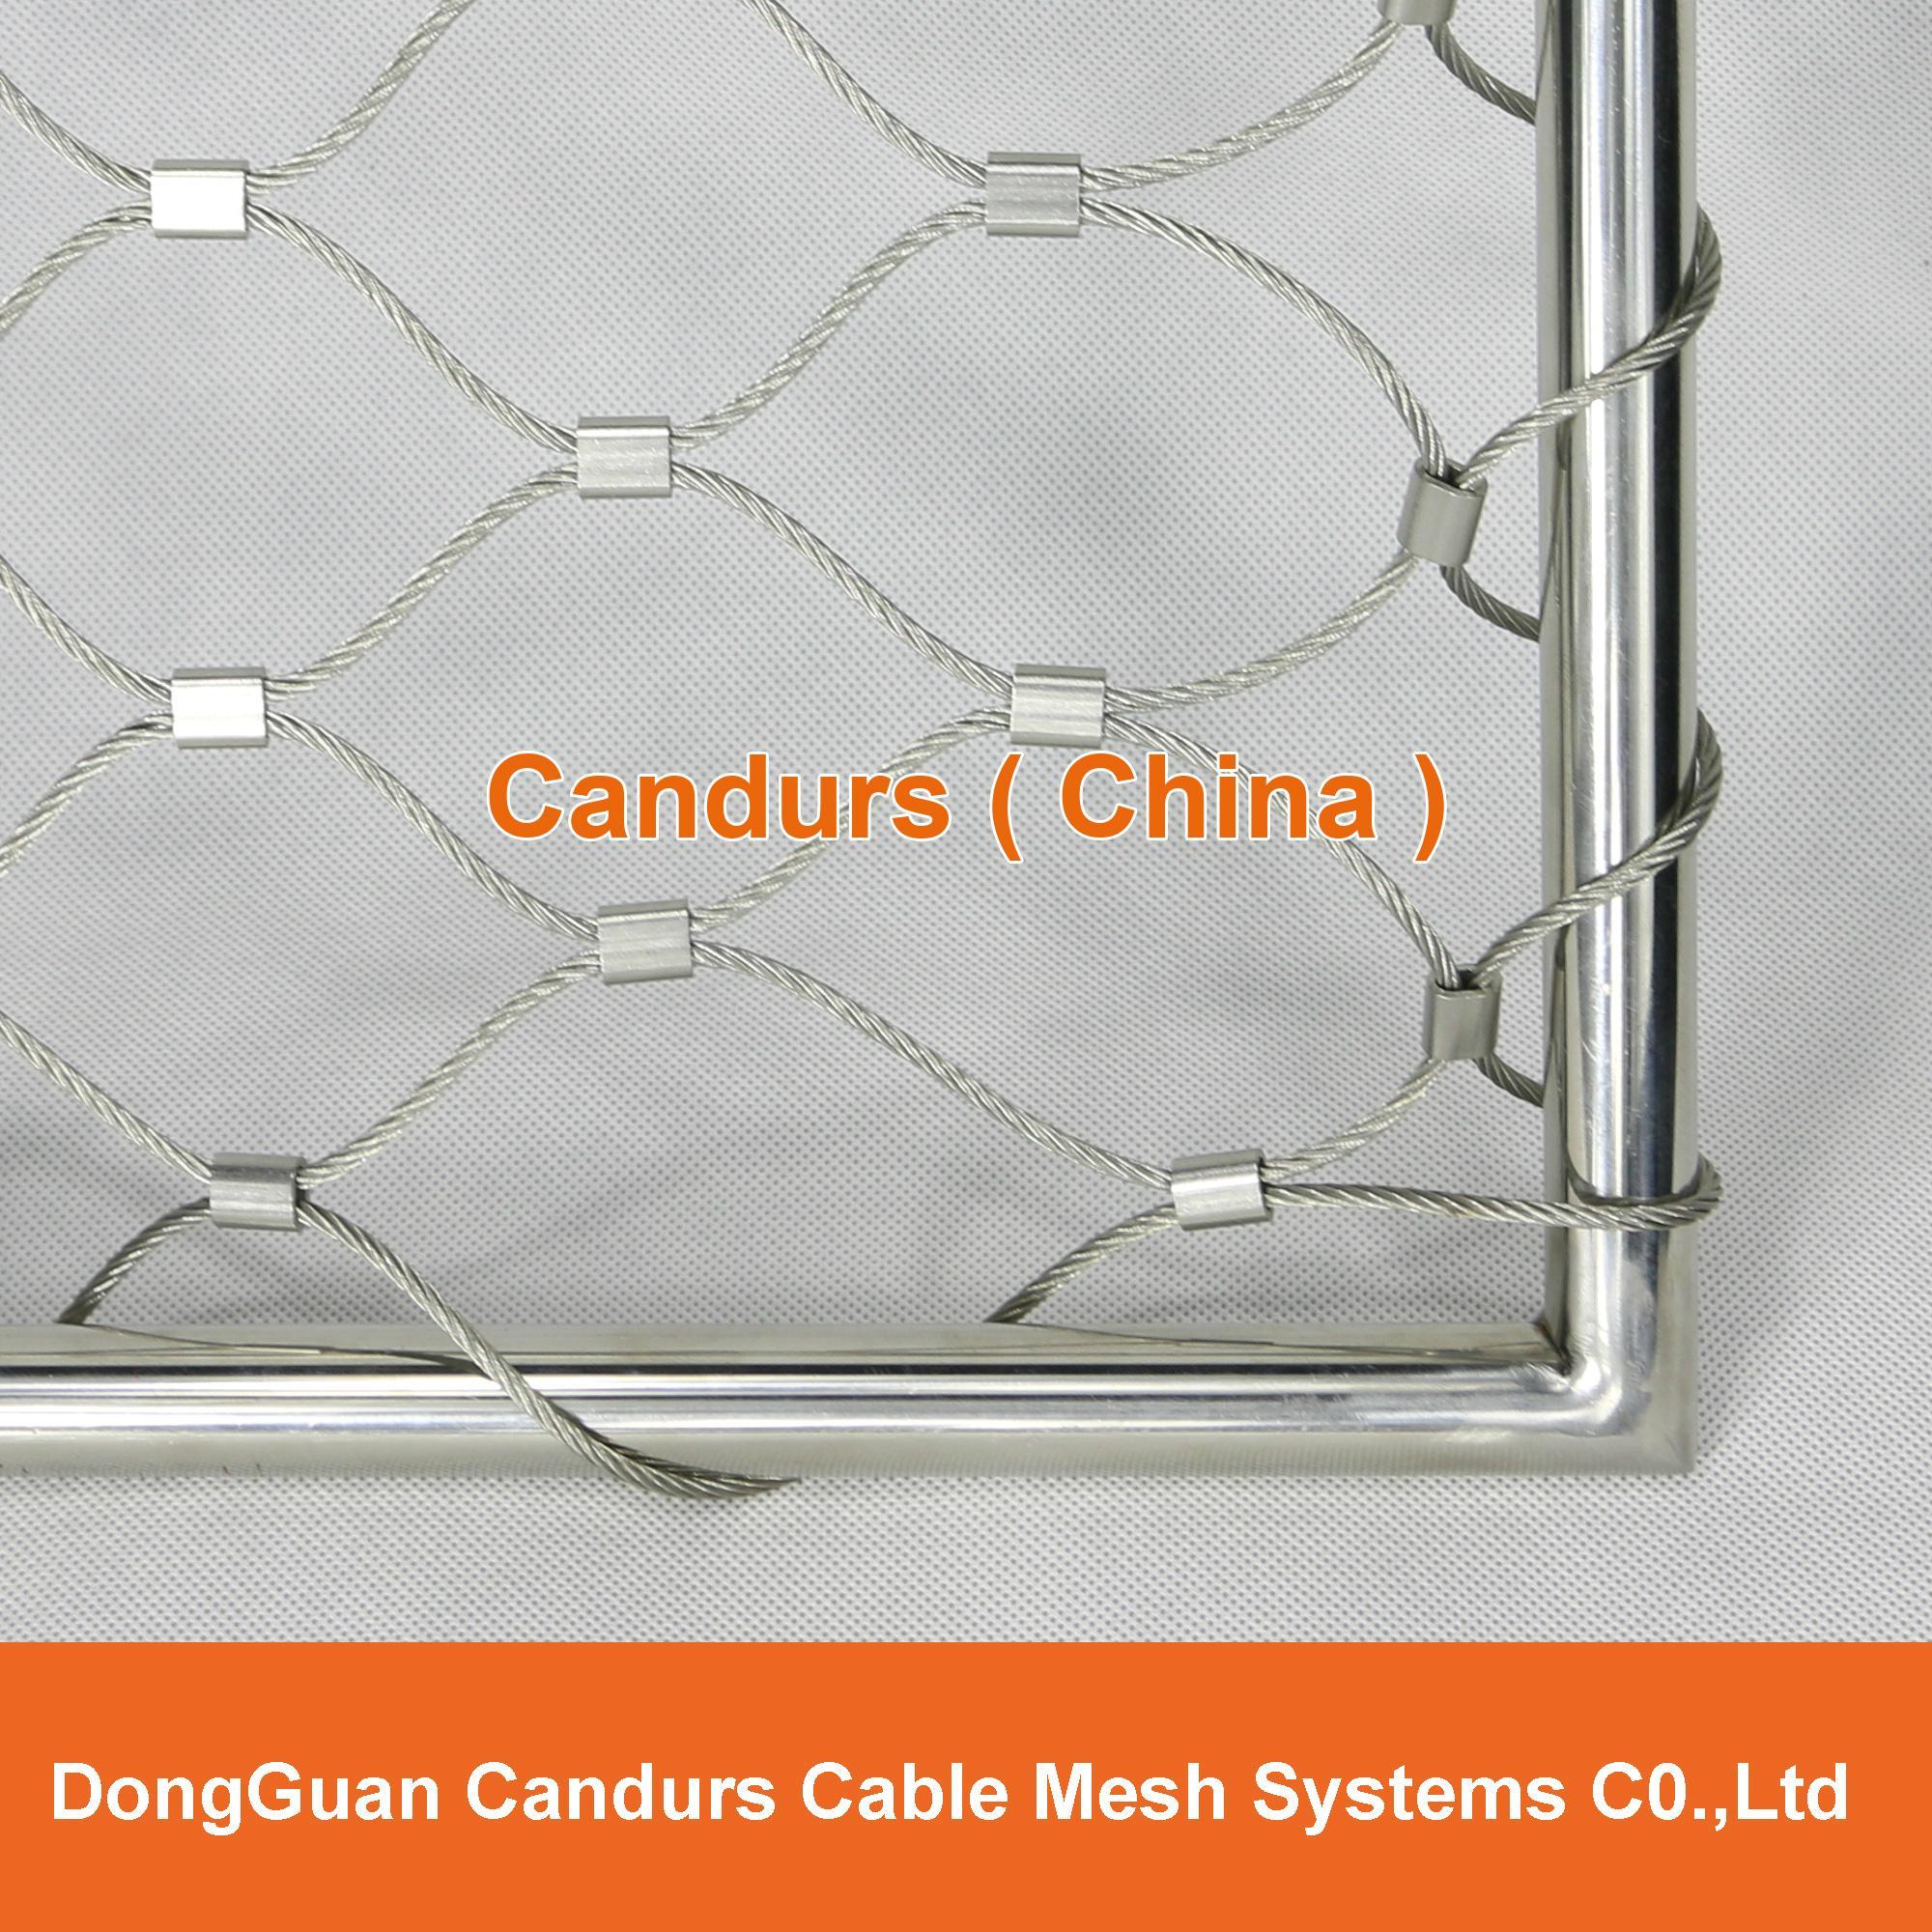 屋顶安全防护不锈钢绳网 13